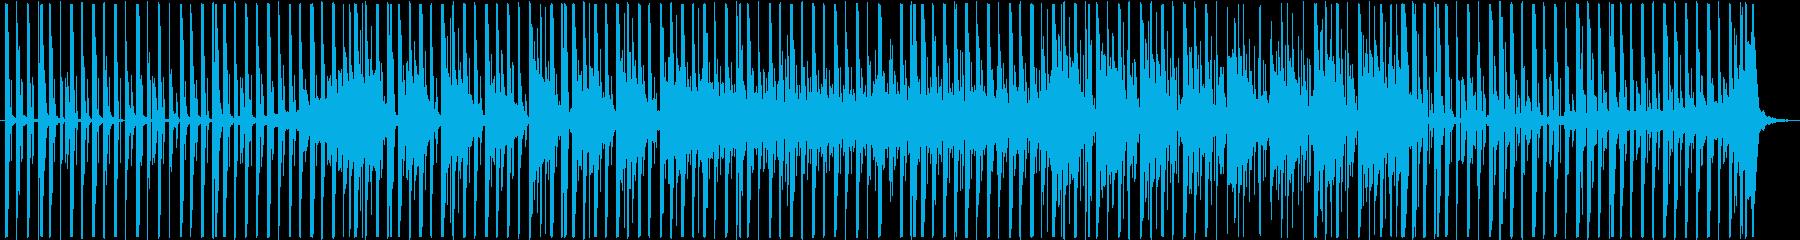 電気オーケストラハイブリッド。刺激...の再生済みの波形